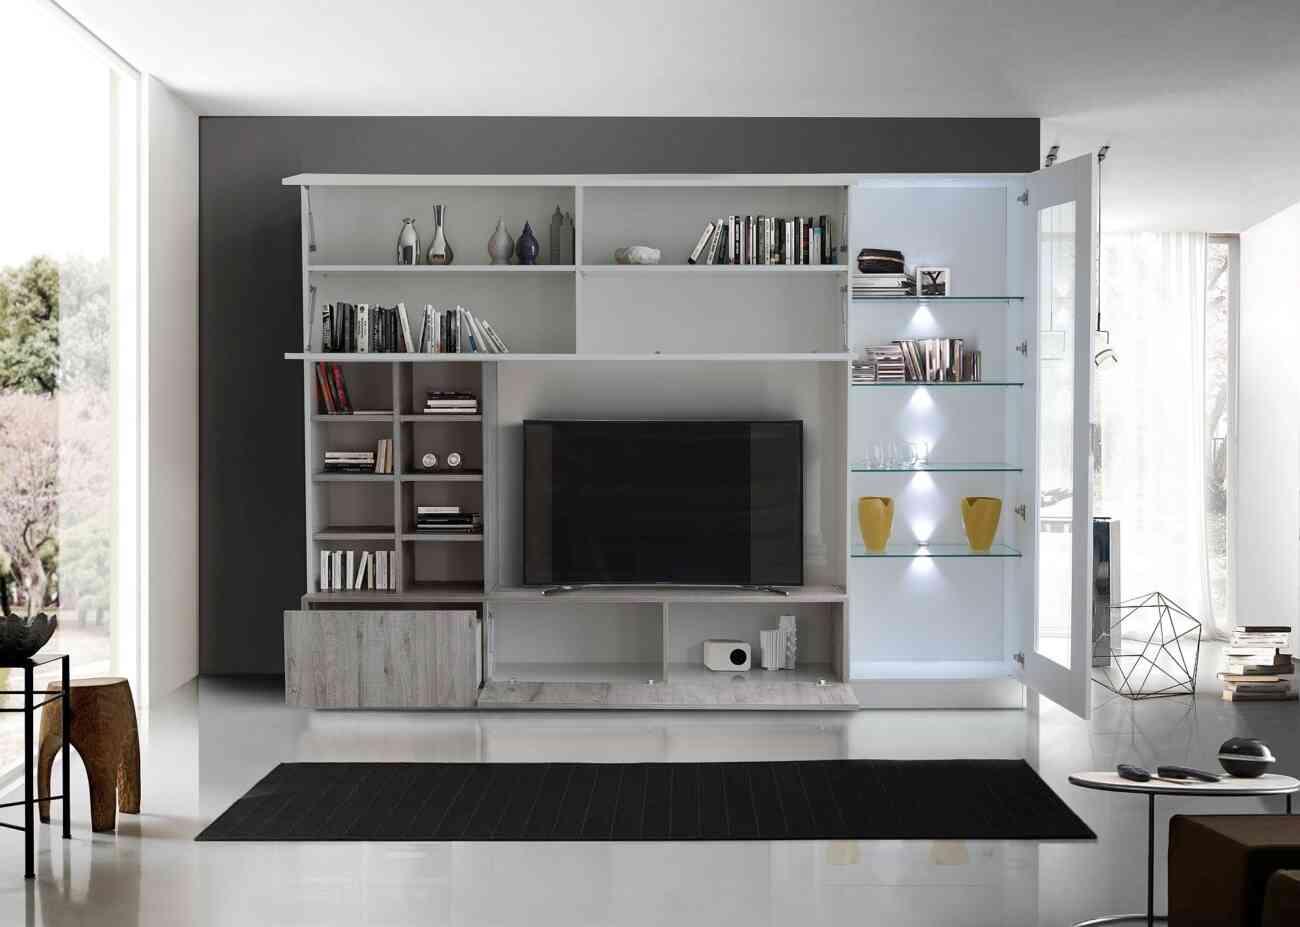 Soggiorno Rovere Grigio : Line soggiorno rovere grigio aperto lq gruppo inventa